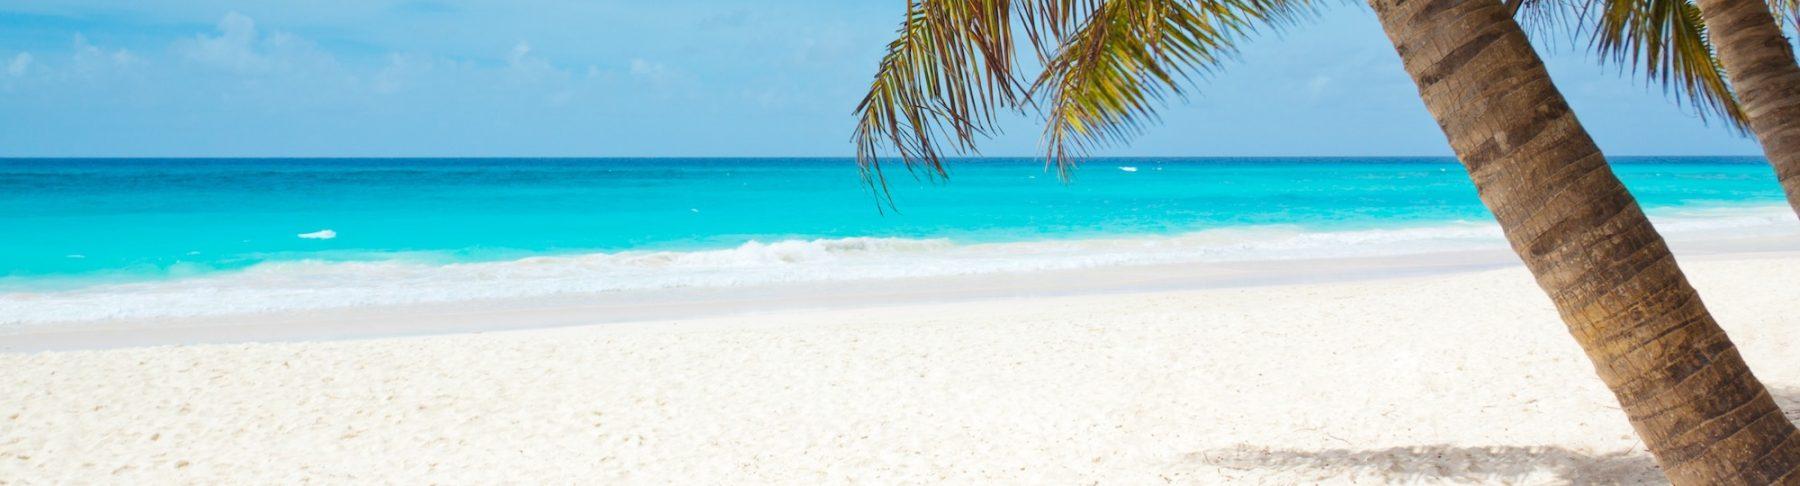 beach-84560